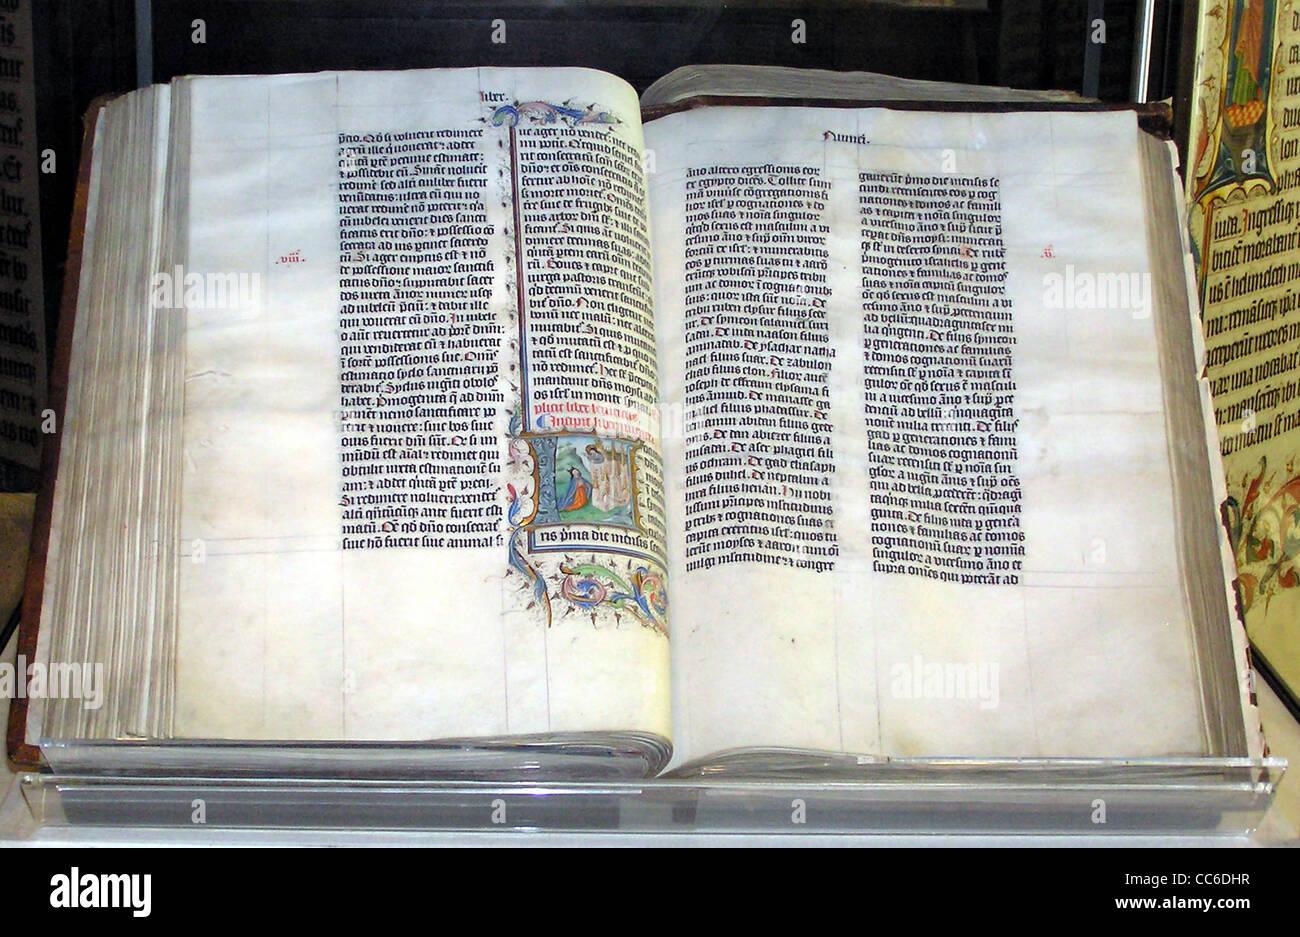 Manuscritos de la Biblia en latín, en la pantalla de la Abadía de Malmesbury, Wiltshire, Inglaterra. Foto de stock